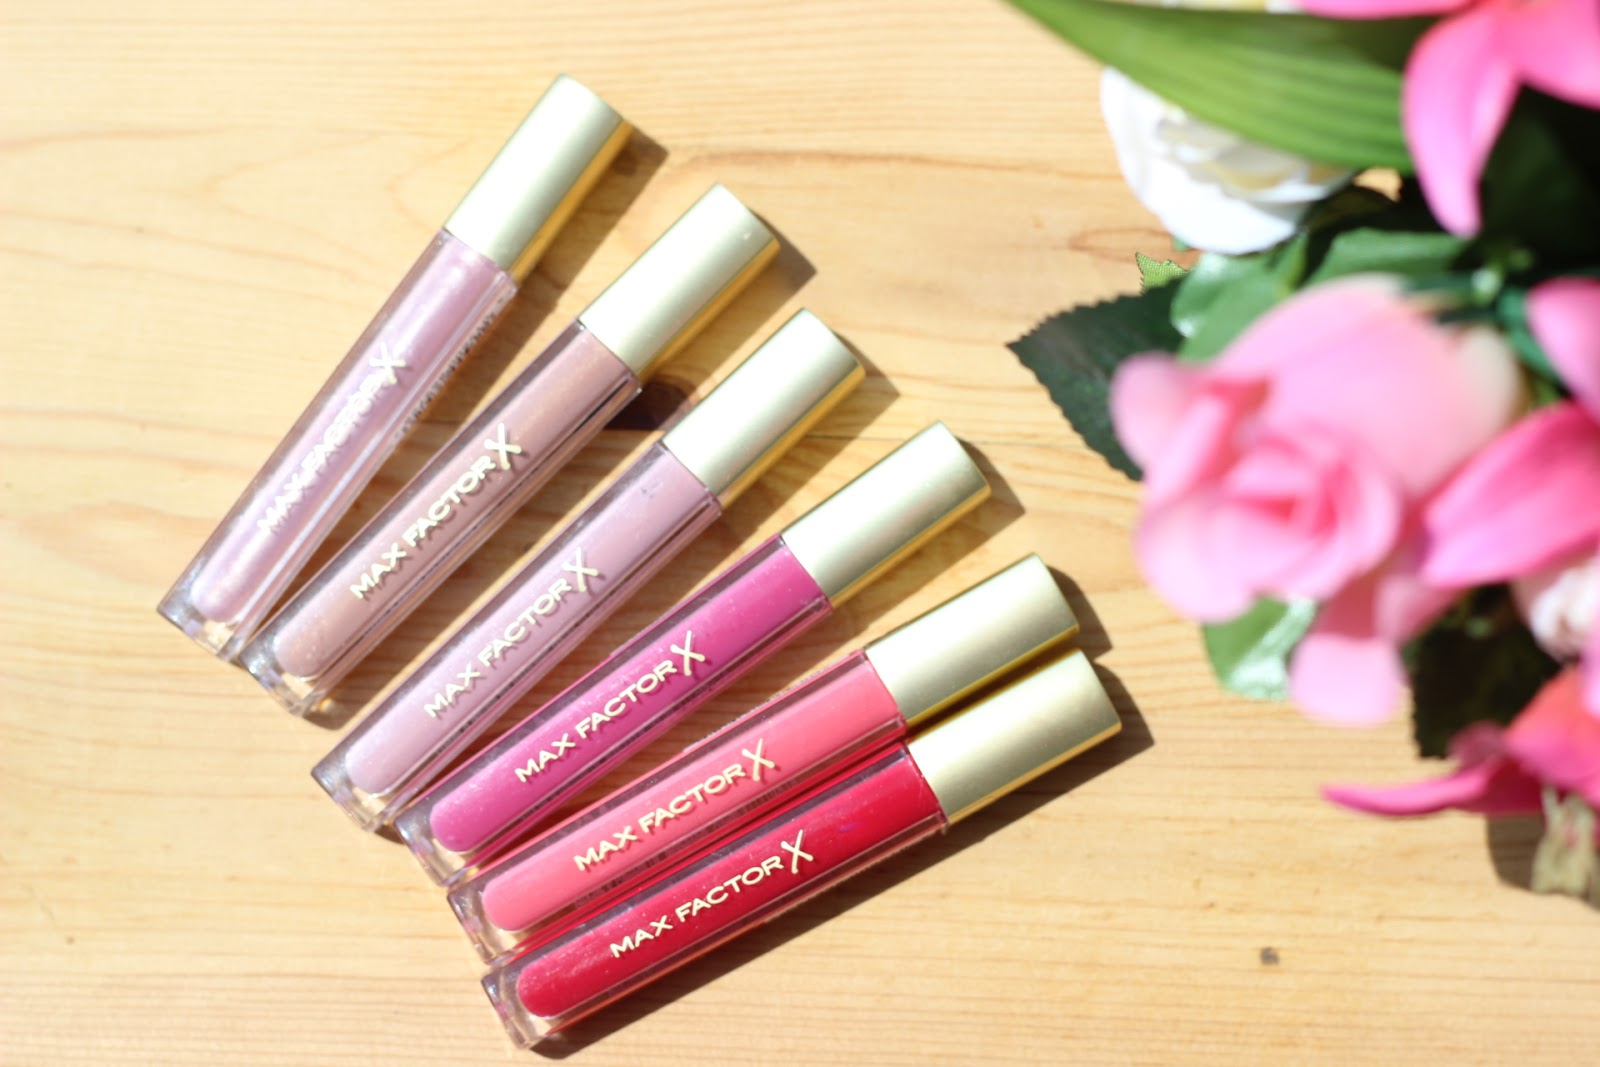 drugstore lipglosses